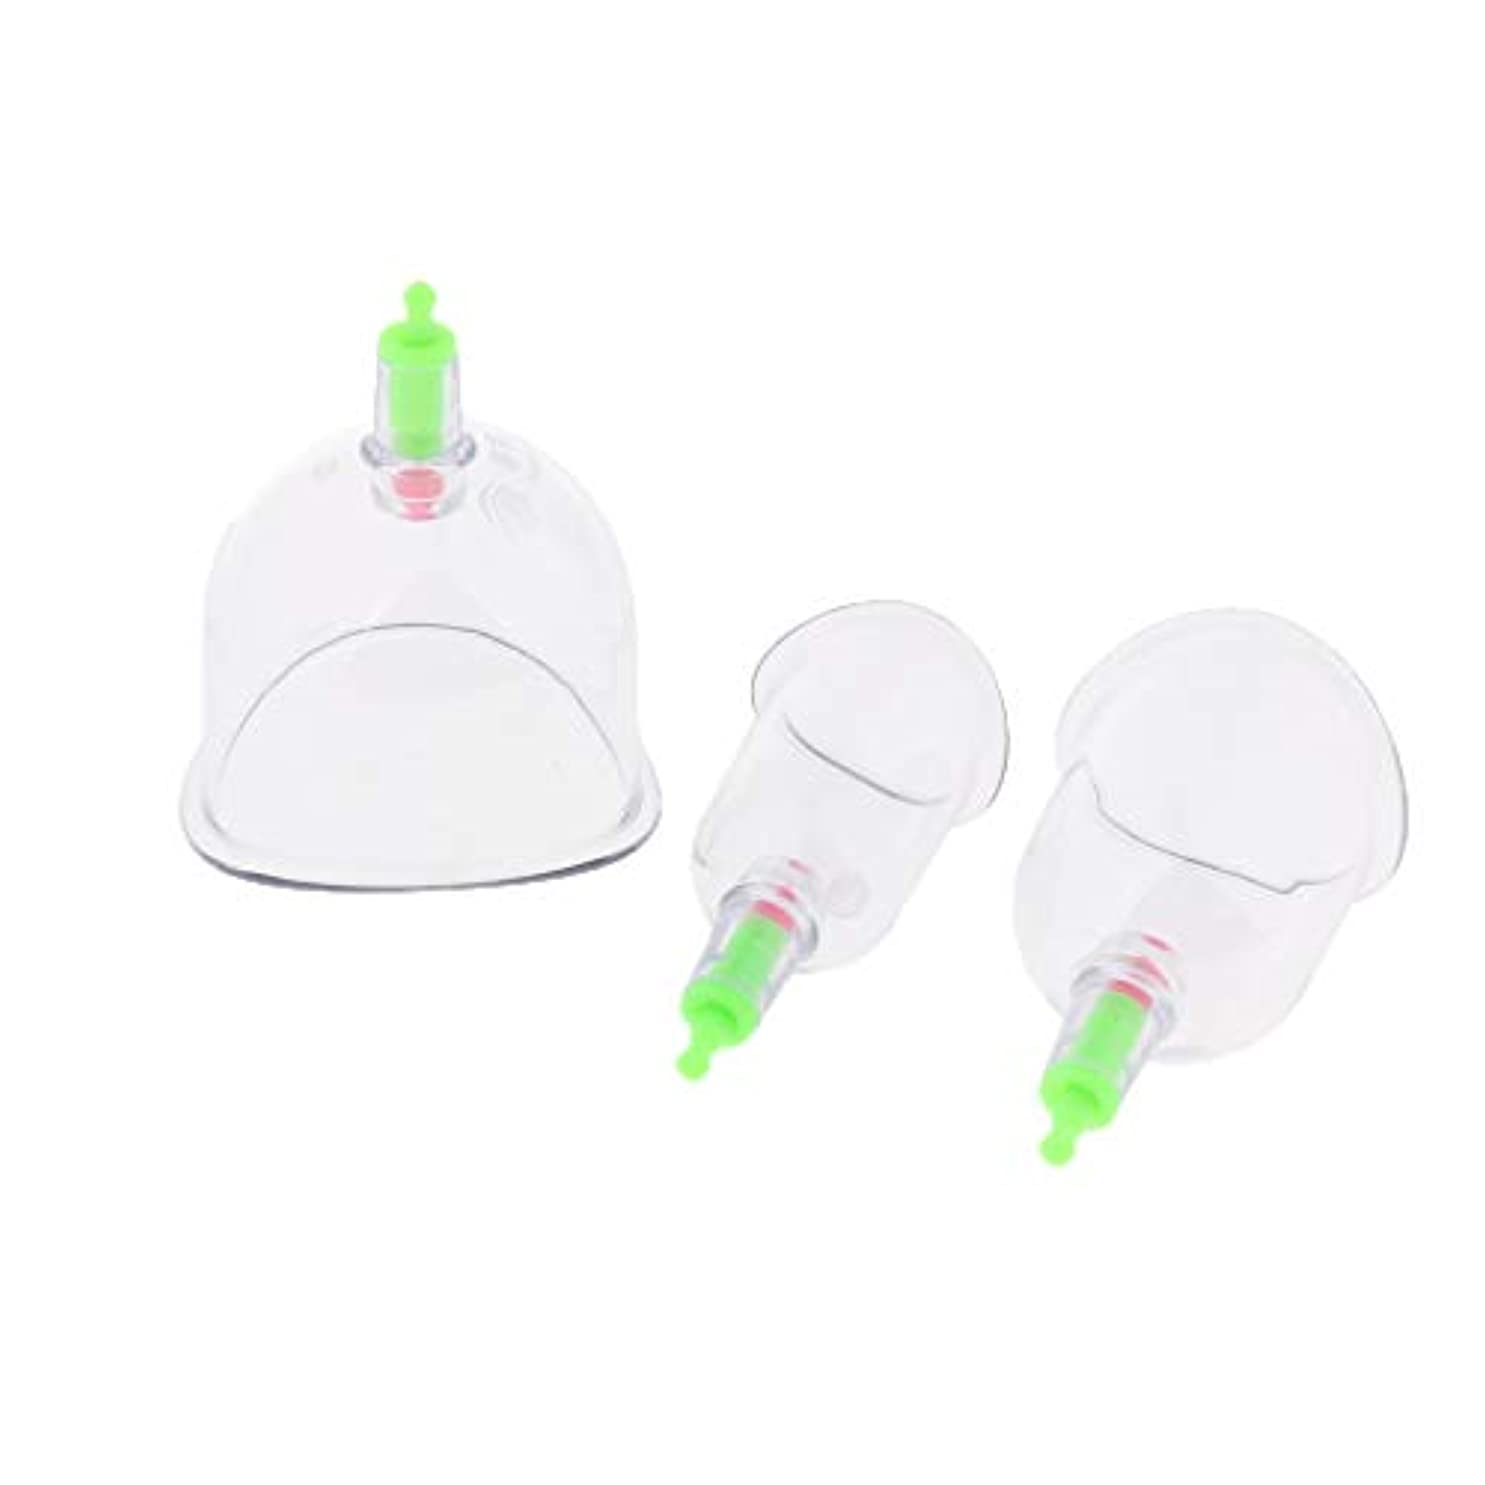 落とし穴追跡閉塞真空カッピングセット 透明なボディマッサージカップ 吸い玉 プラスチック 健康ケア 男女兼用 3個入